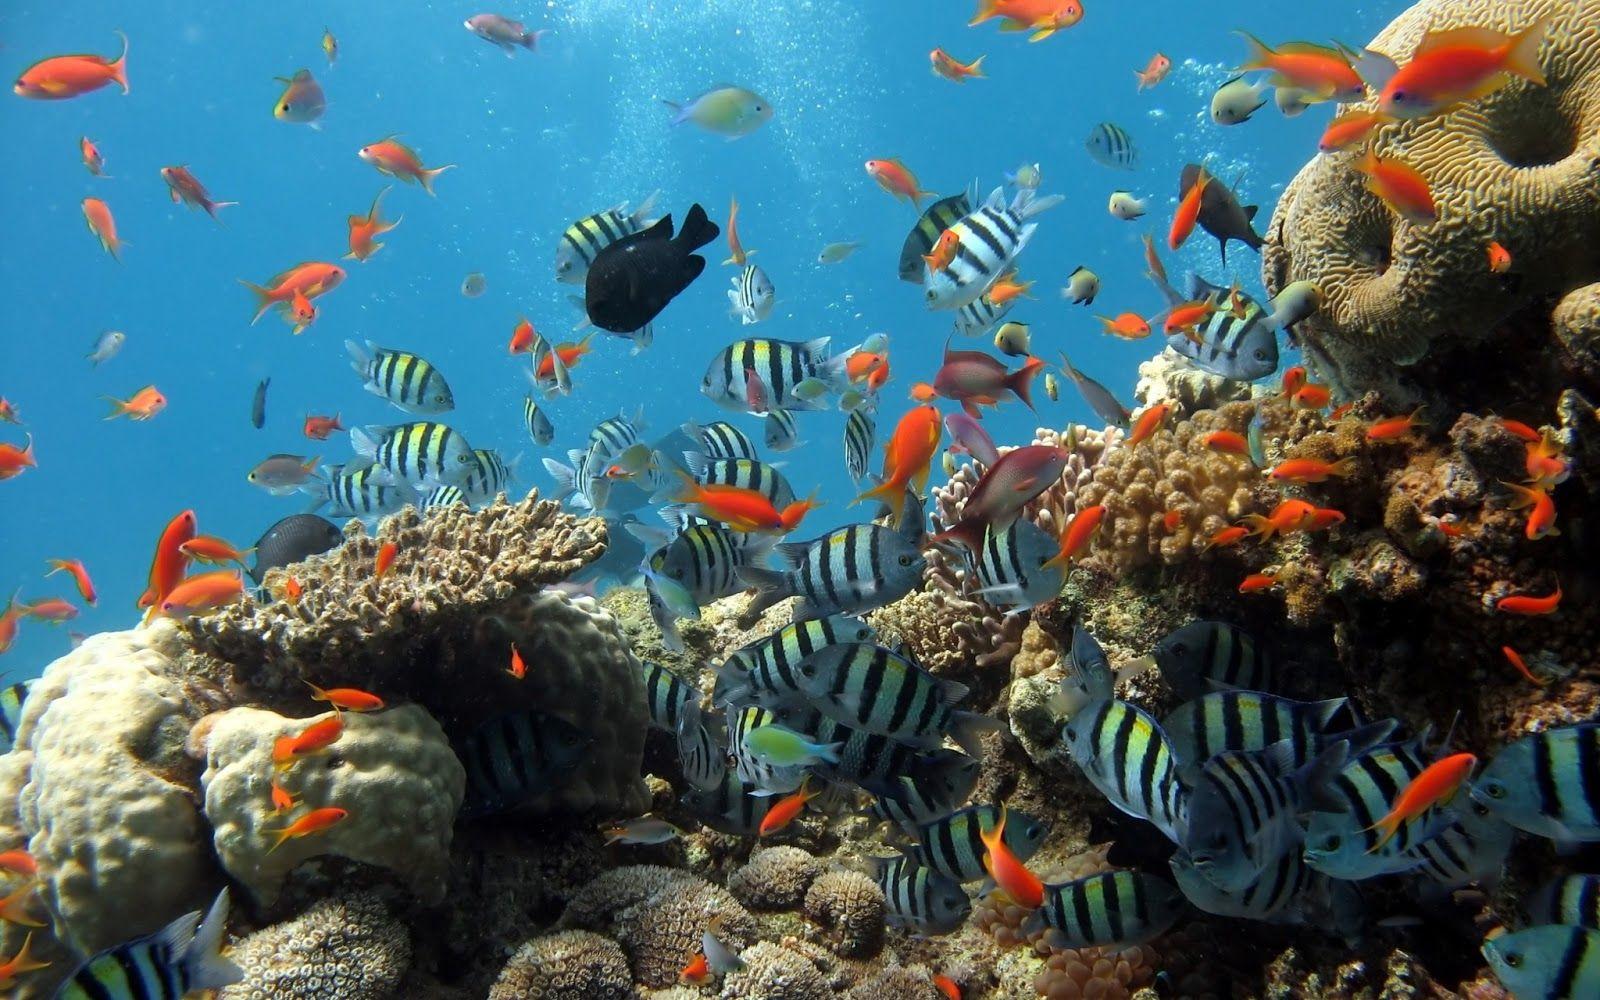 Vista de un arrecife de coral en el Sistema Arrecifal Veracruzano